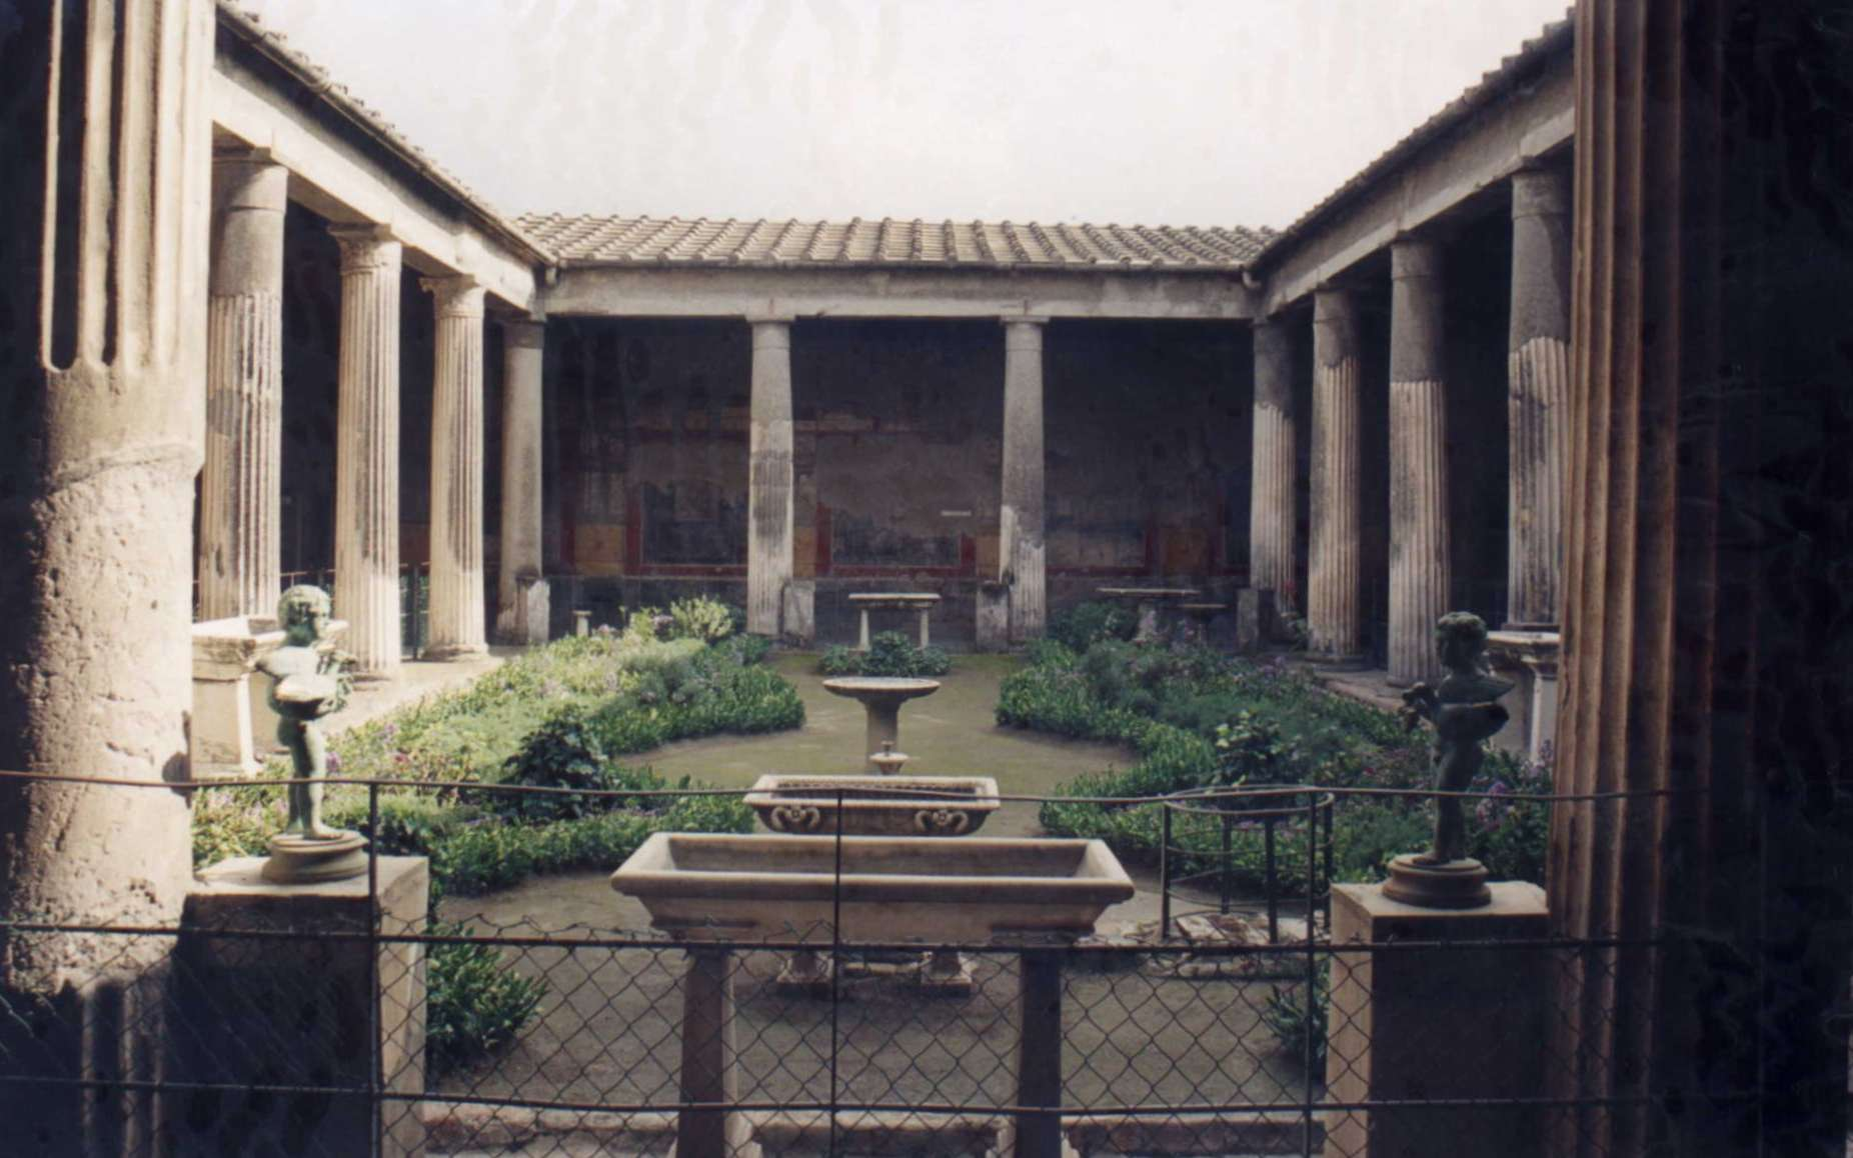 Le péristyle est une galerie de colonnes qui entoure un édifice. © Patricio Iorente, CC BY-SA 2.5, Wikimedia Commons